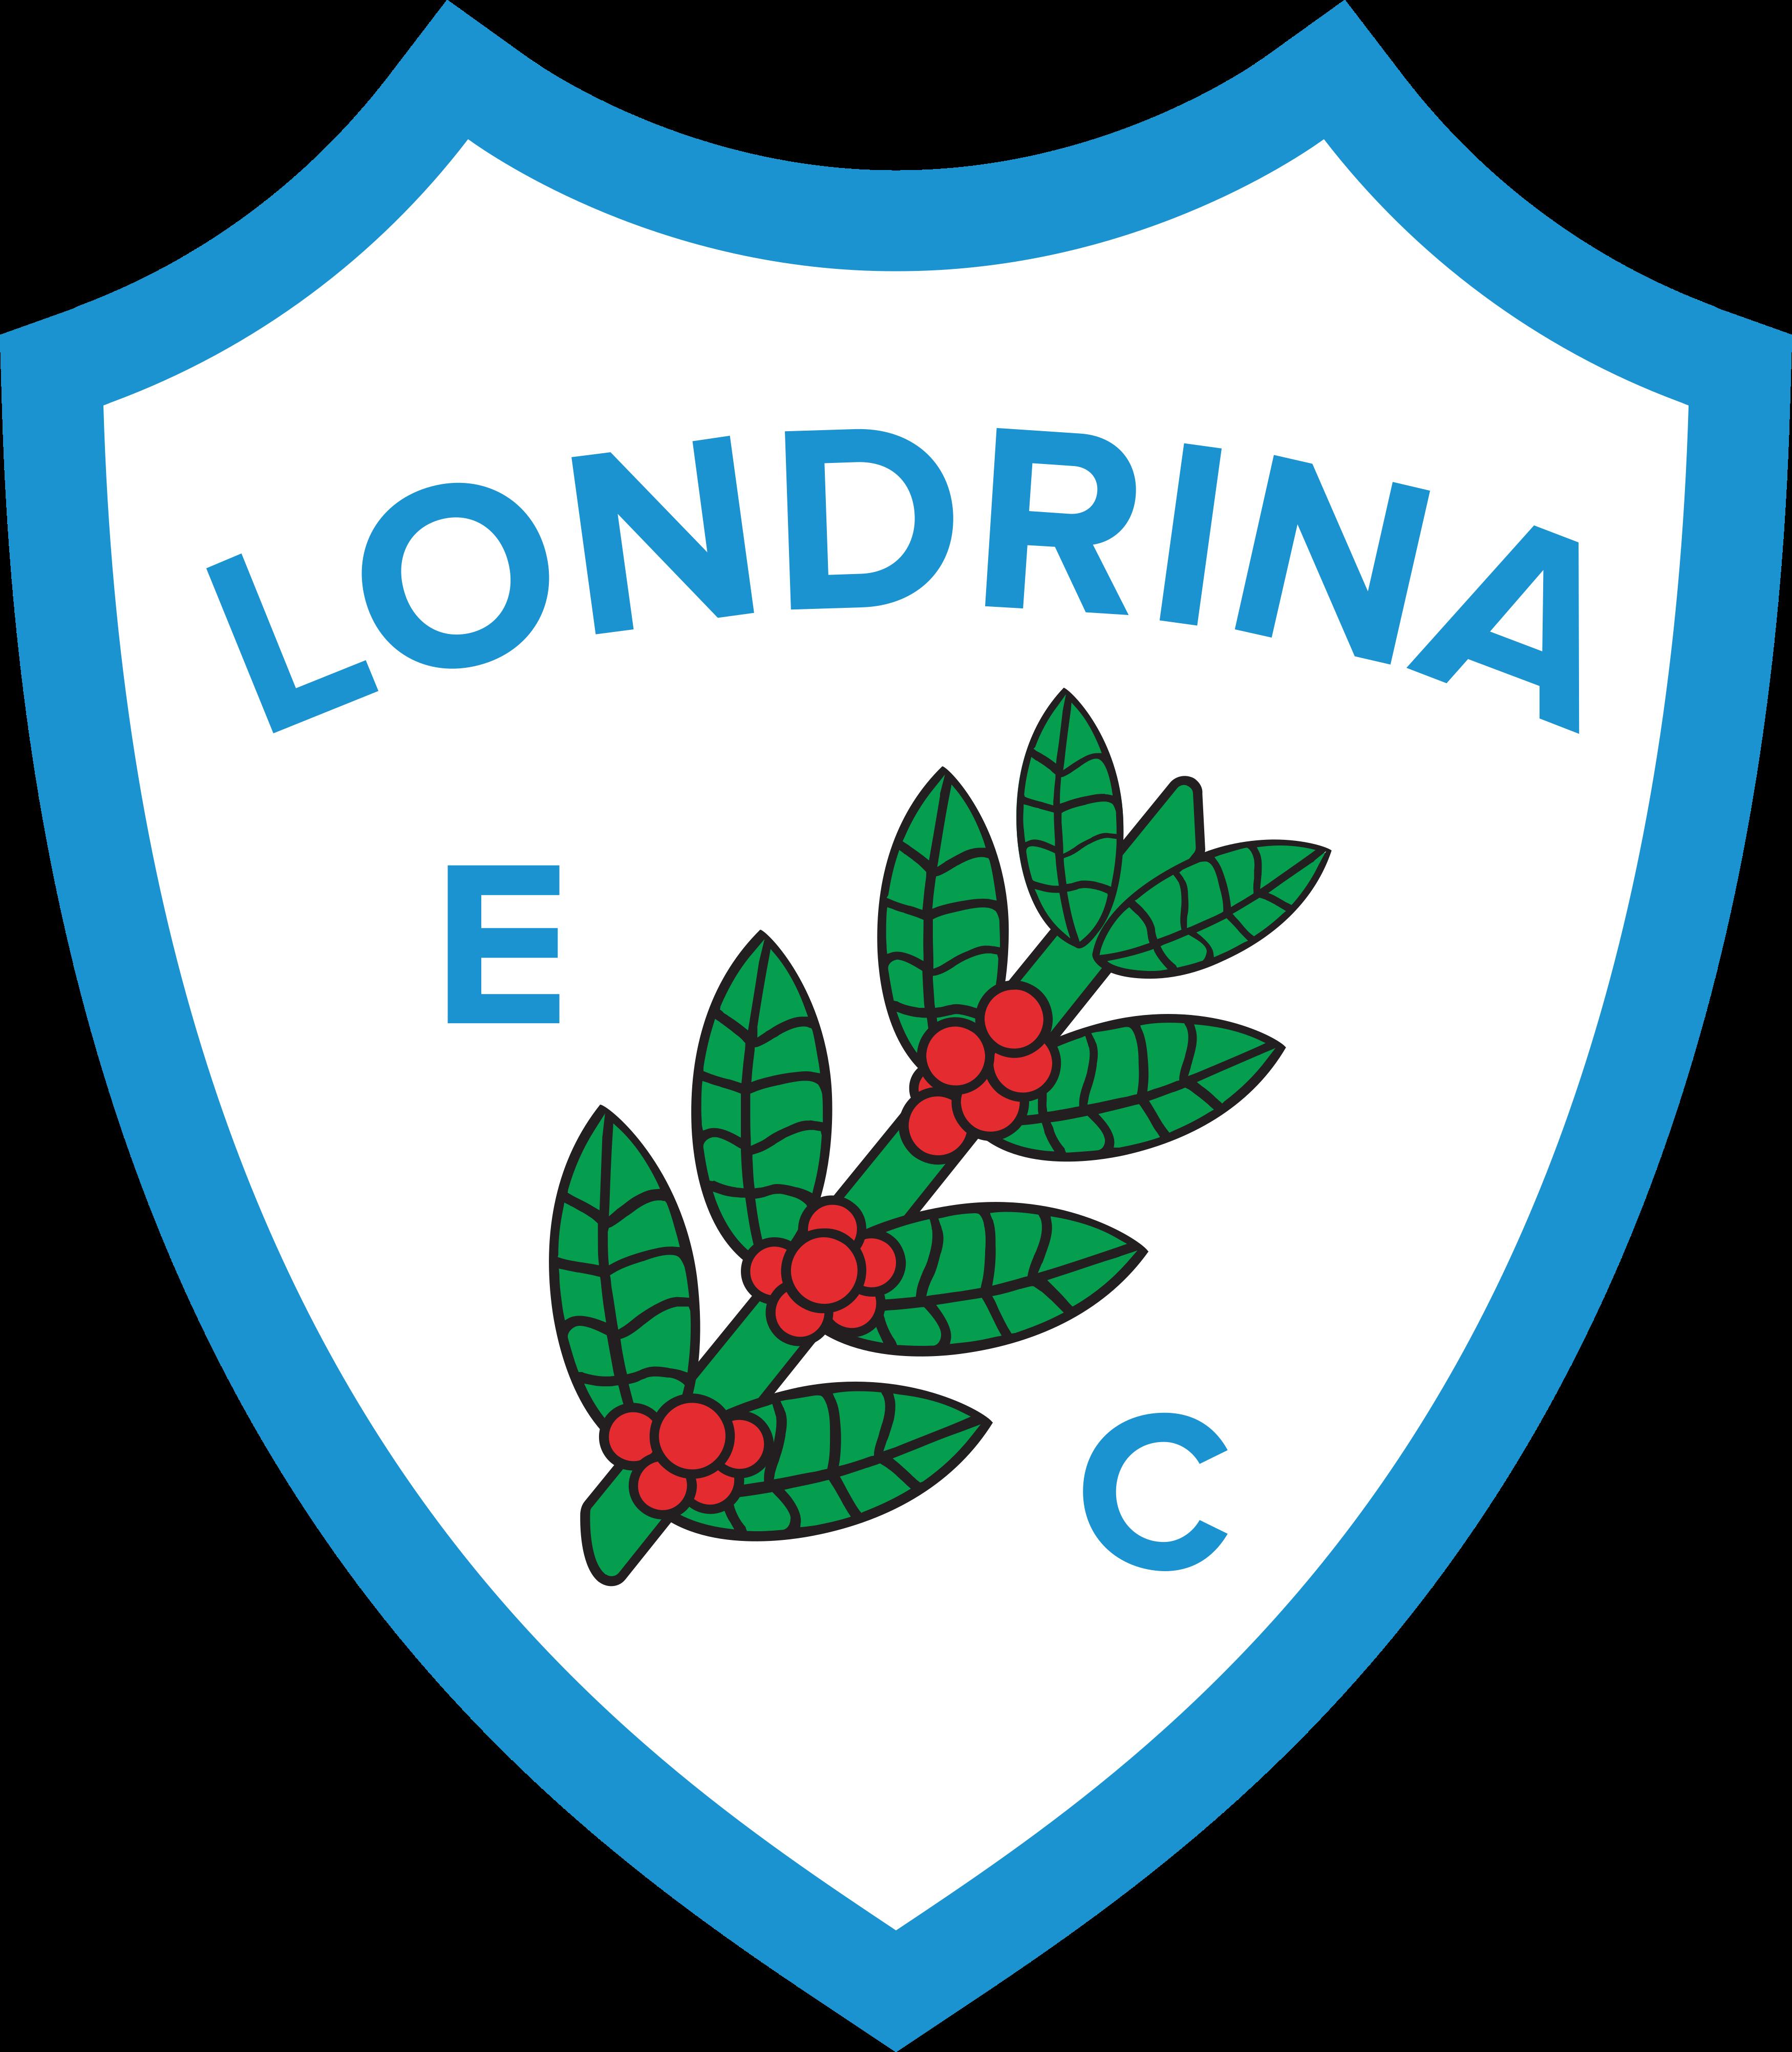 londrina ec logo escudo 2 - Londrina Logo - Escudo - Londrina Esporte Clube Logo - Escudo